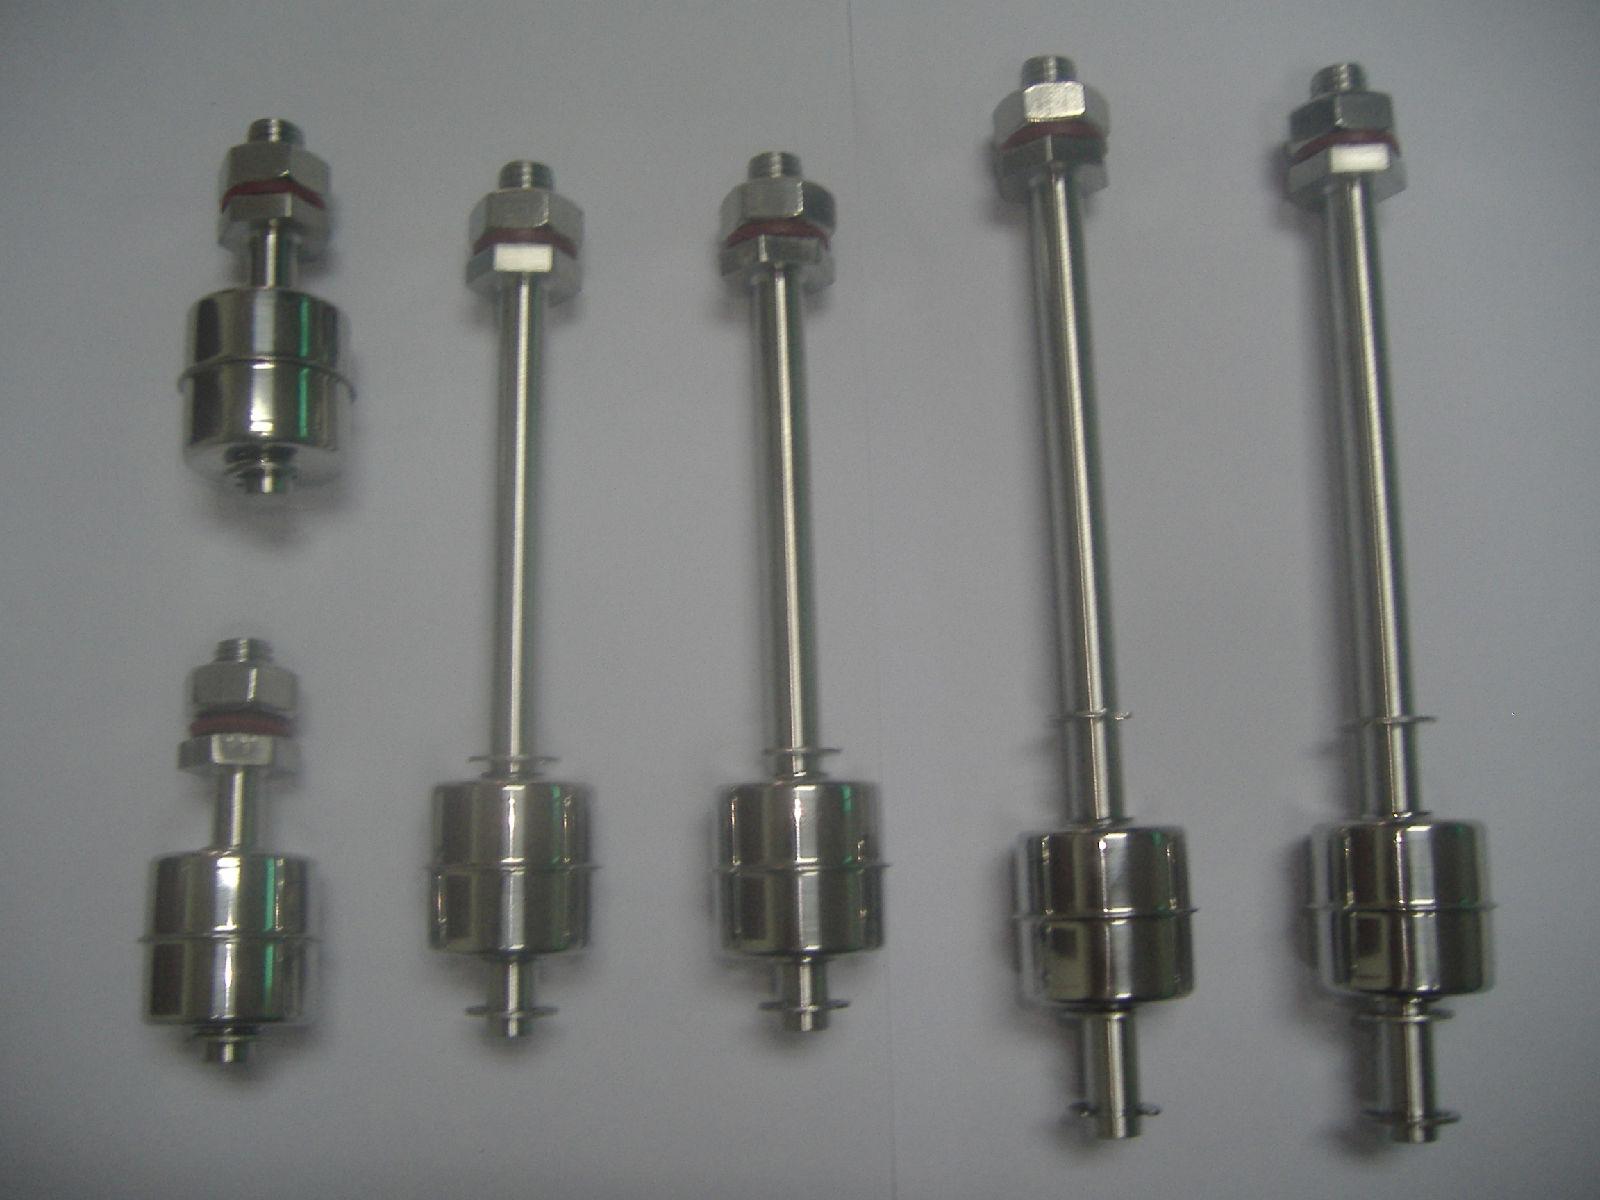 球液位开关是一种结构简单,使用方便的液位控制零件,它设有复杂的电路